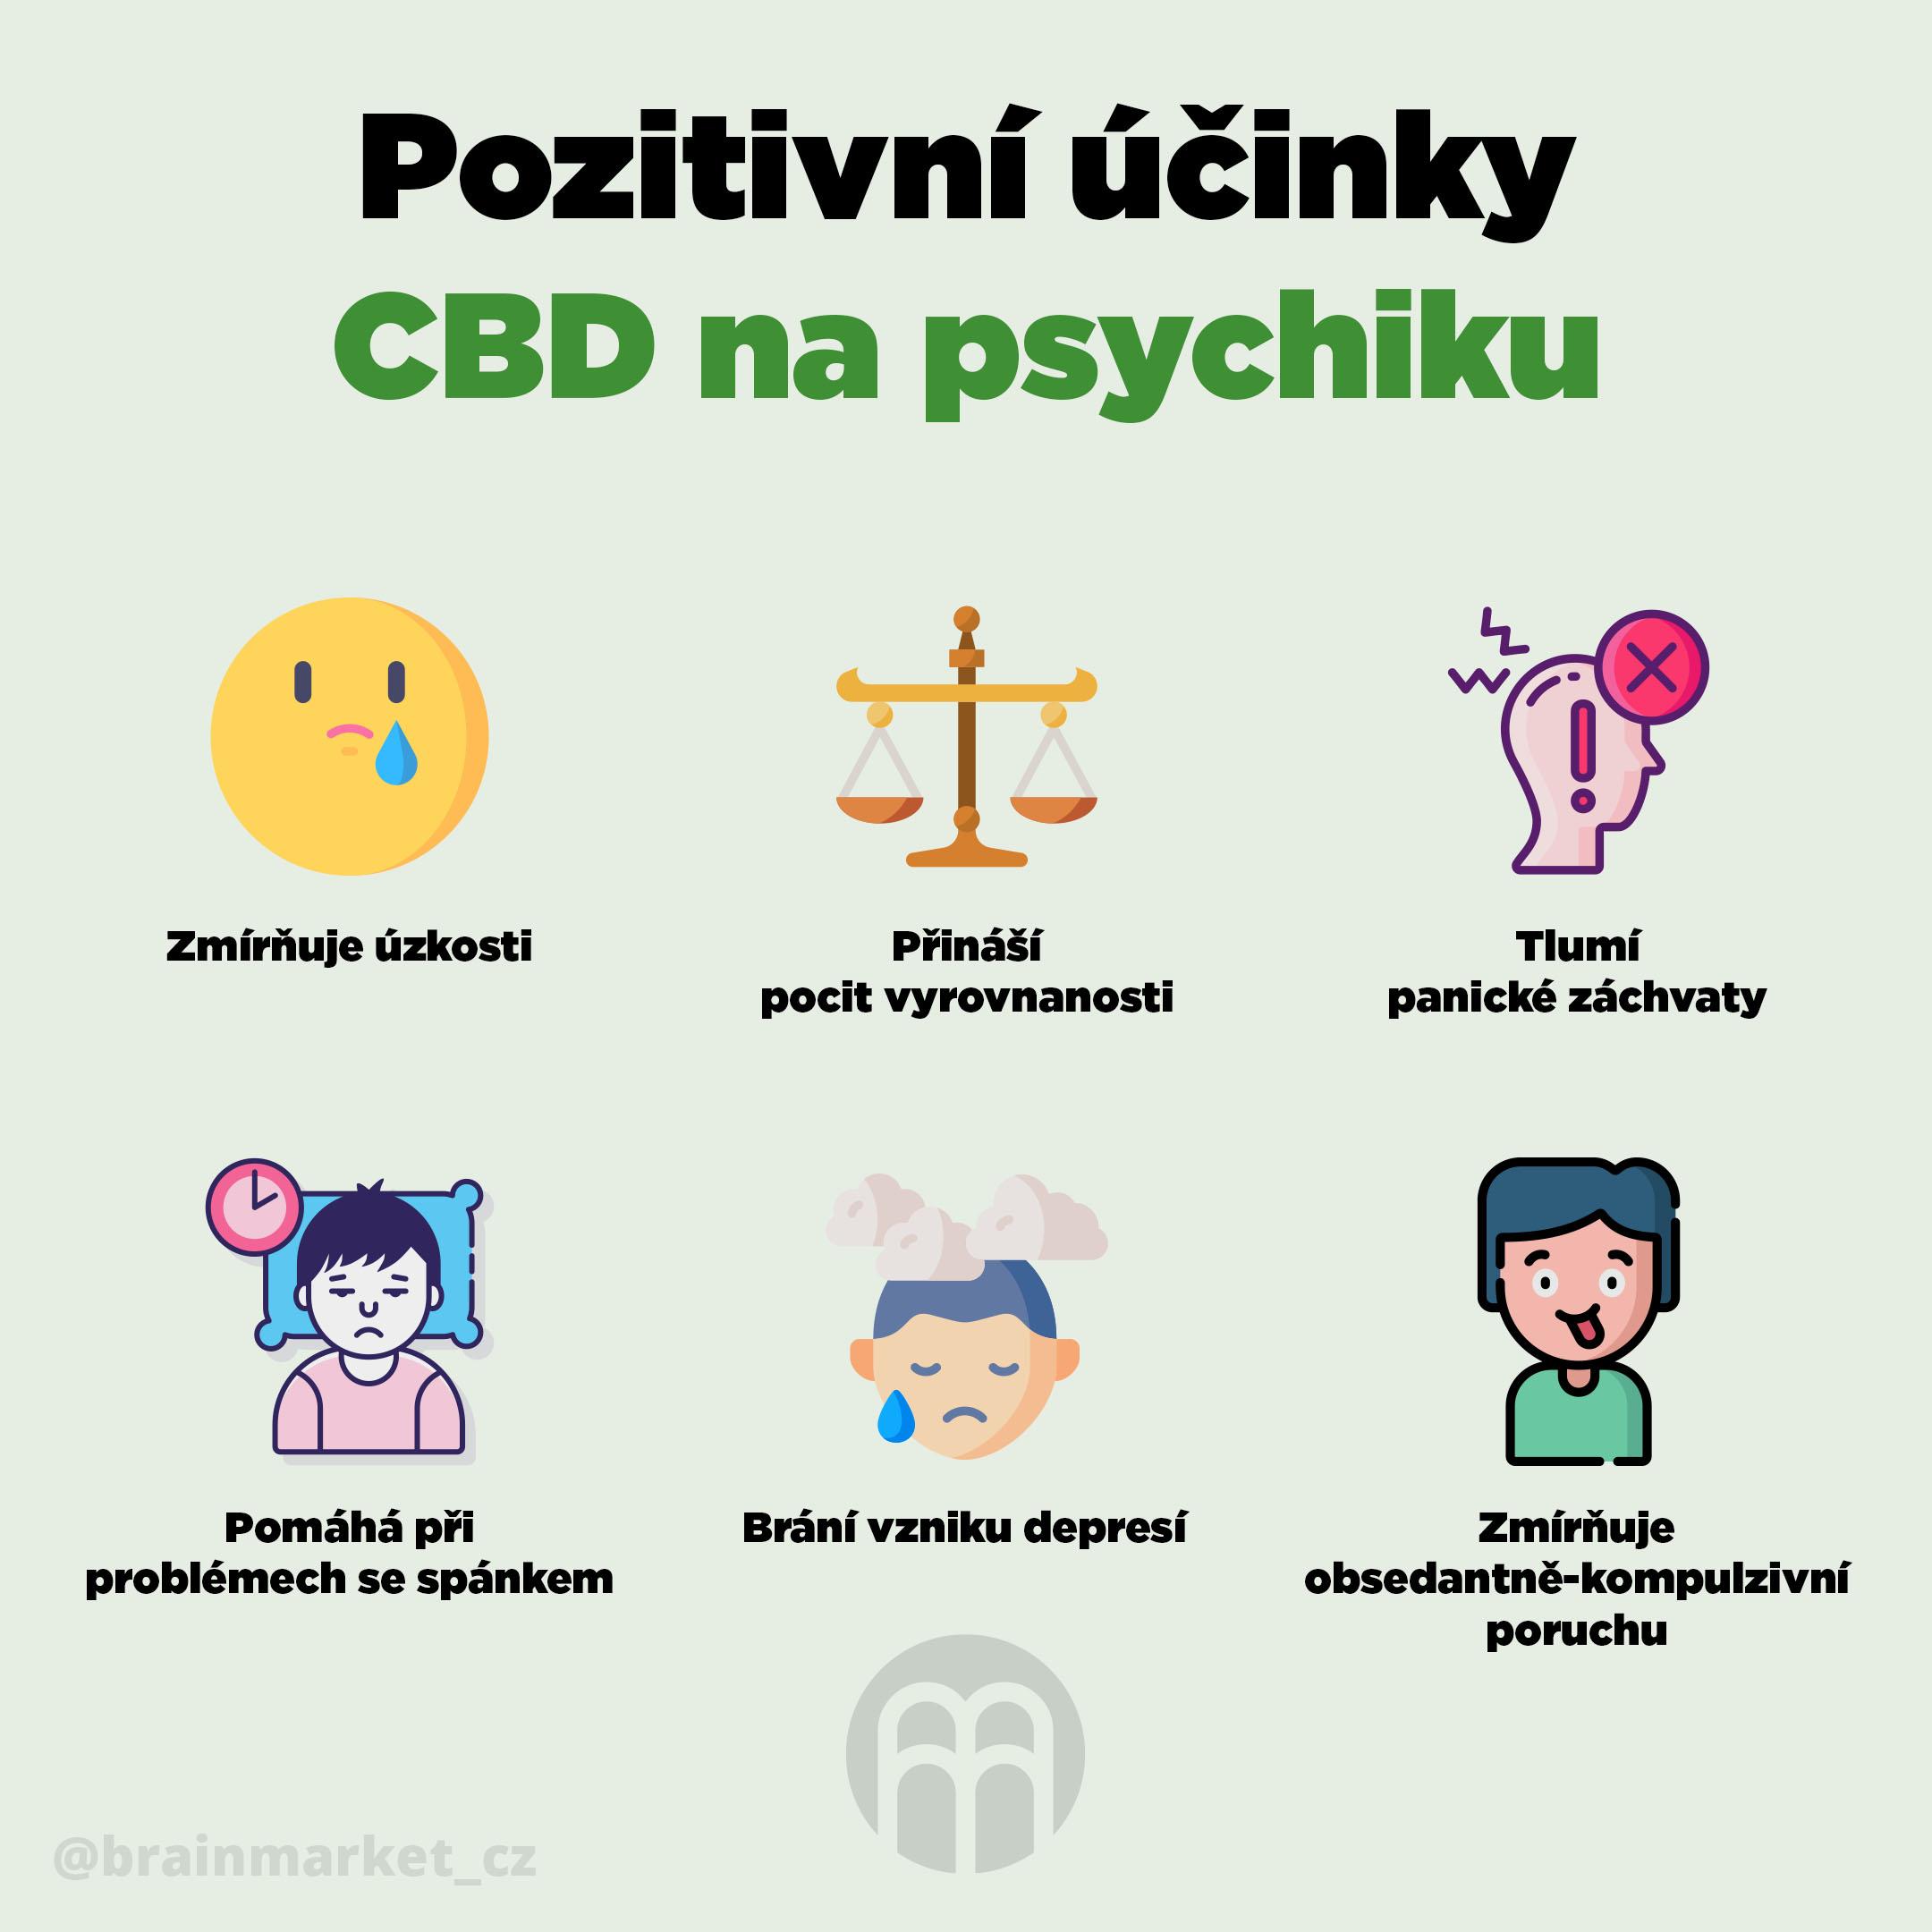 ucinky-cbd-na-psychiku-infografika-brainmarket-cz